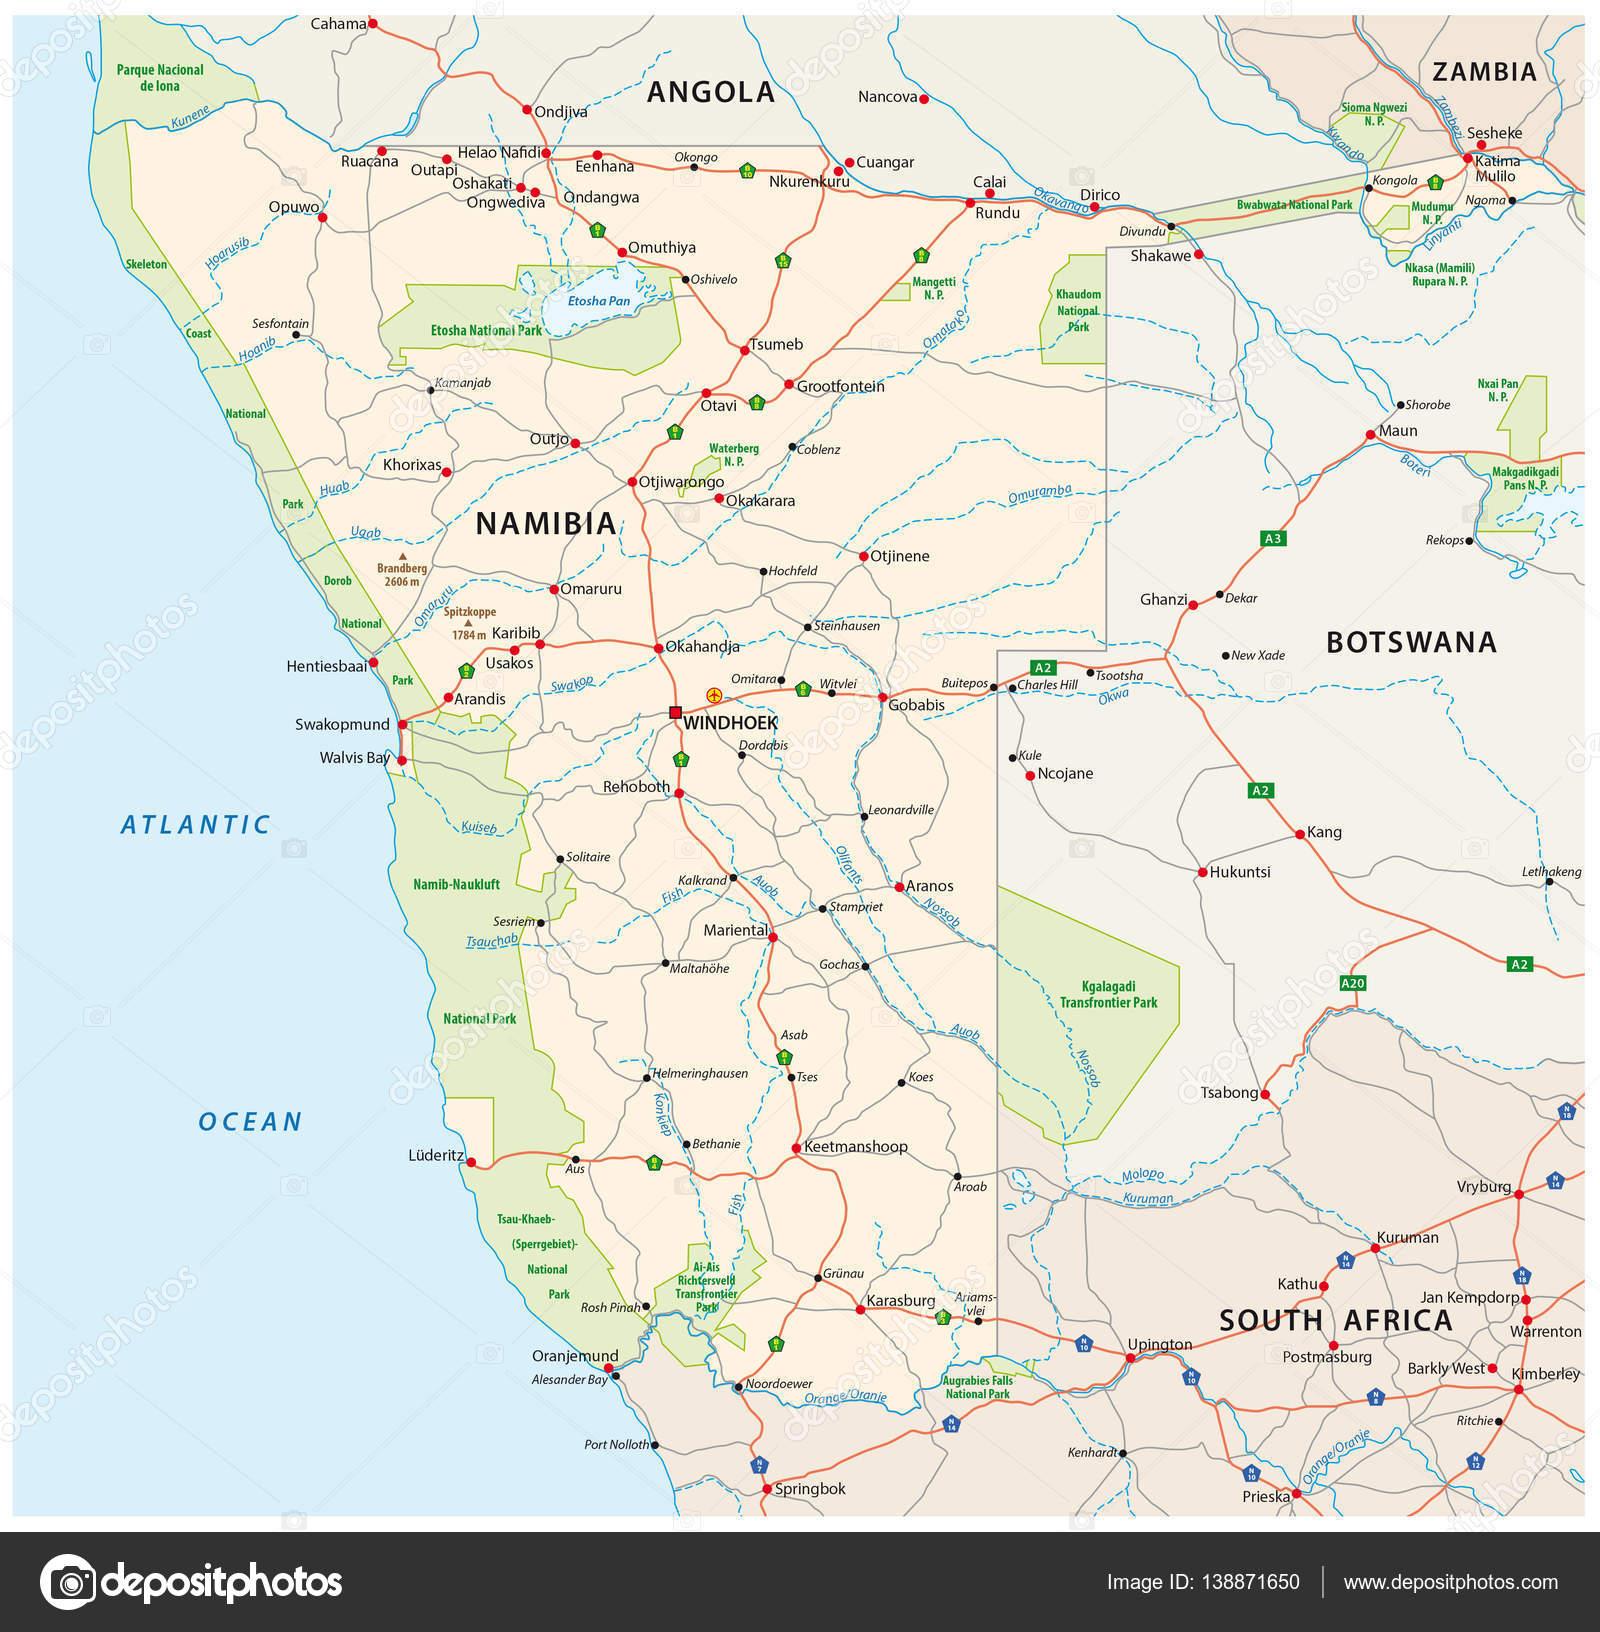 karta vägar Vektor vägar och nationalparken karta över sydvästra Afrika  karta vägar